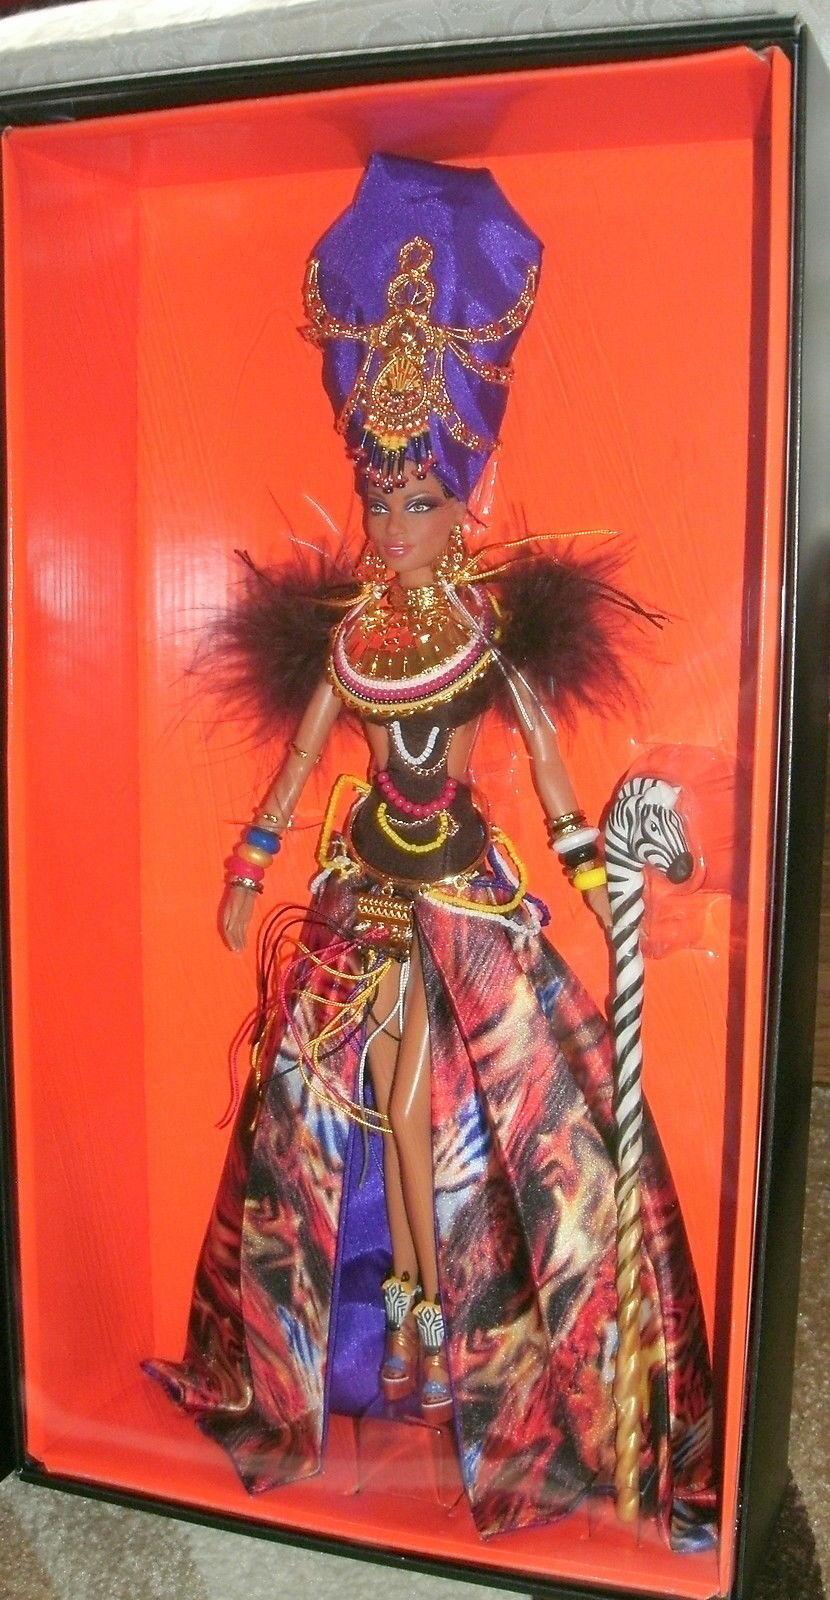 2013 Tribal De Belleza Barbie oro Label club exclusivo magnífico  nuevo nunca quitado de la caja original con envío